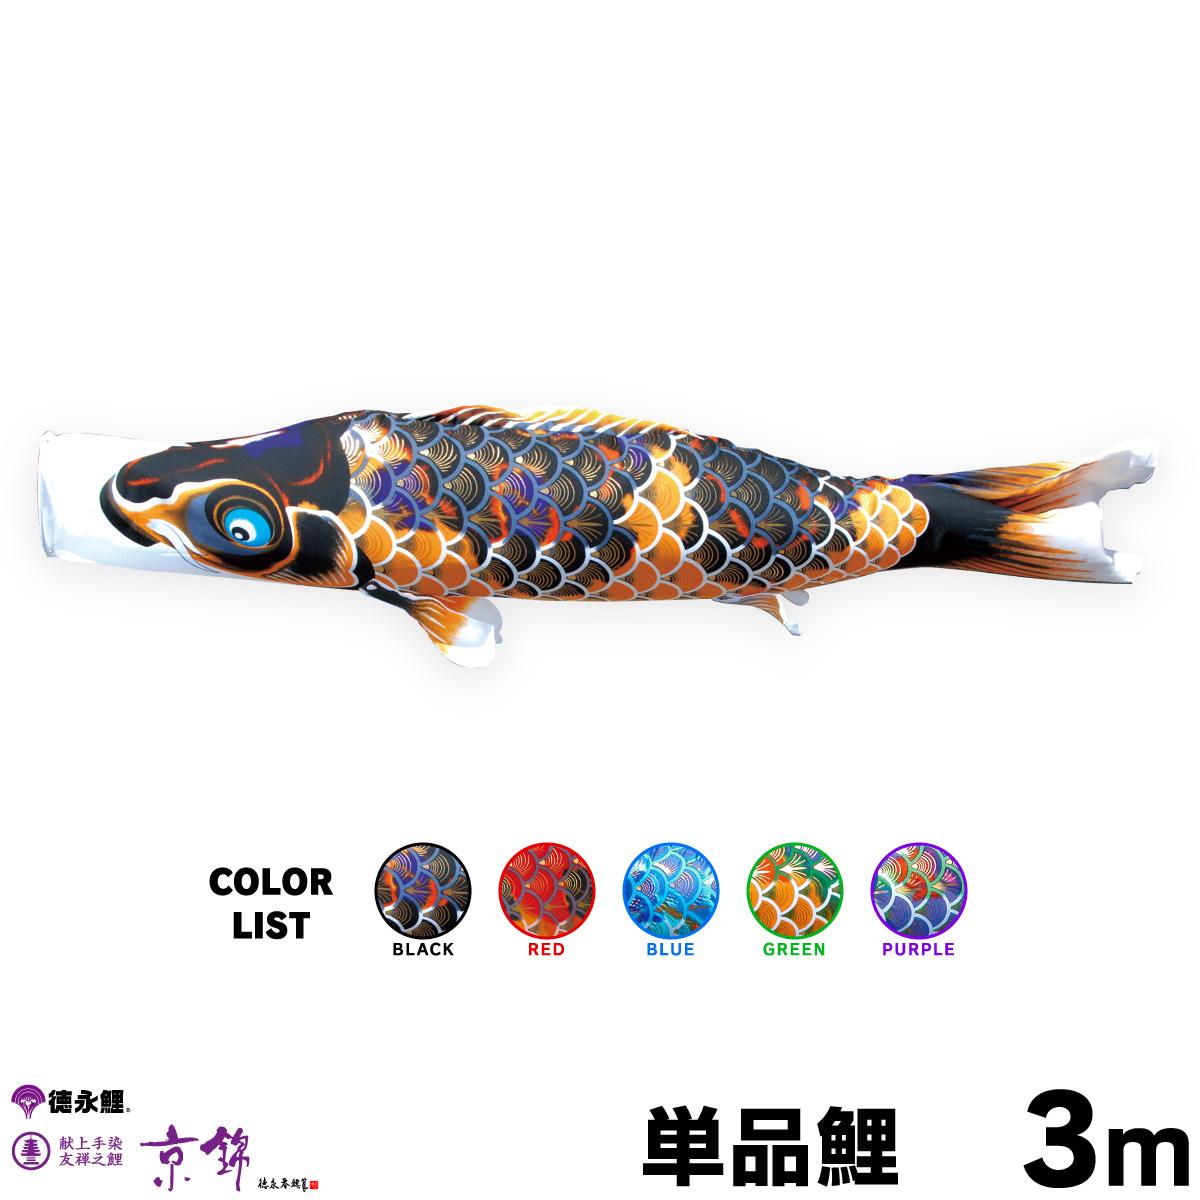 【こいのぼり 単品】 京錦 3m 単品鯉 黒 赤 青 緑 紫